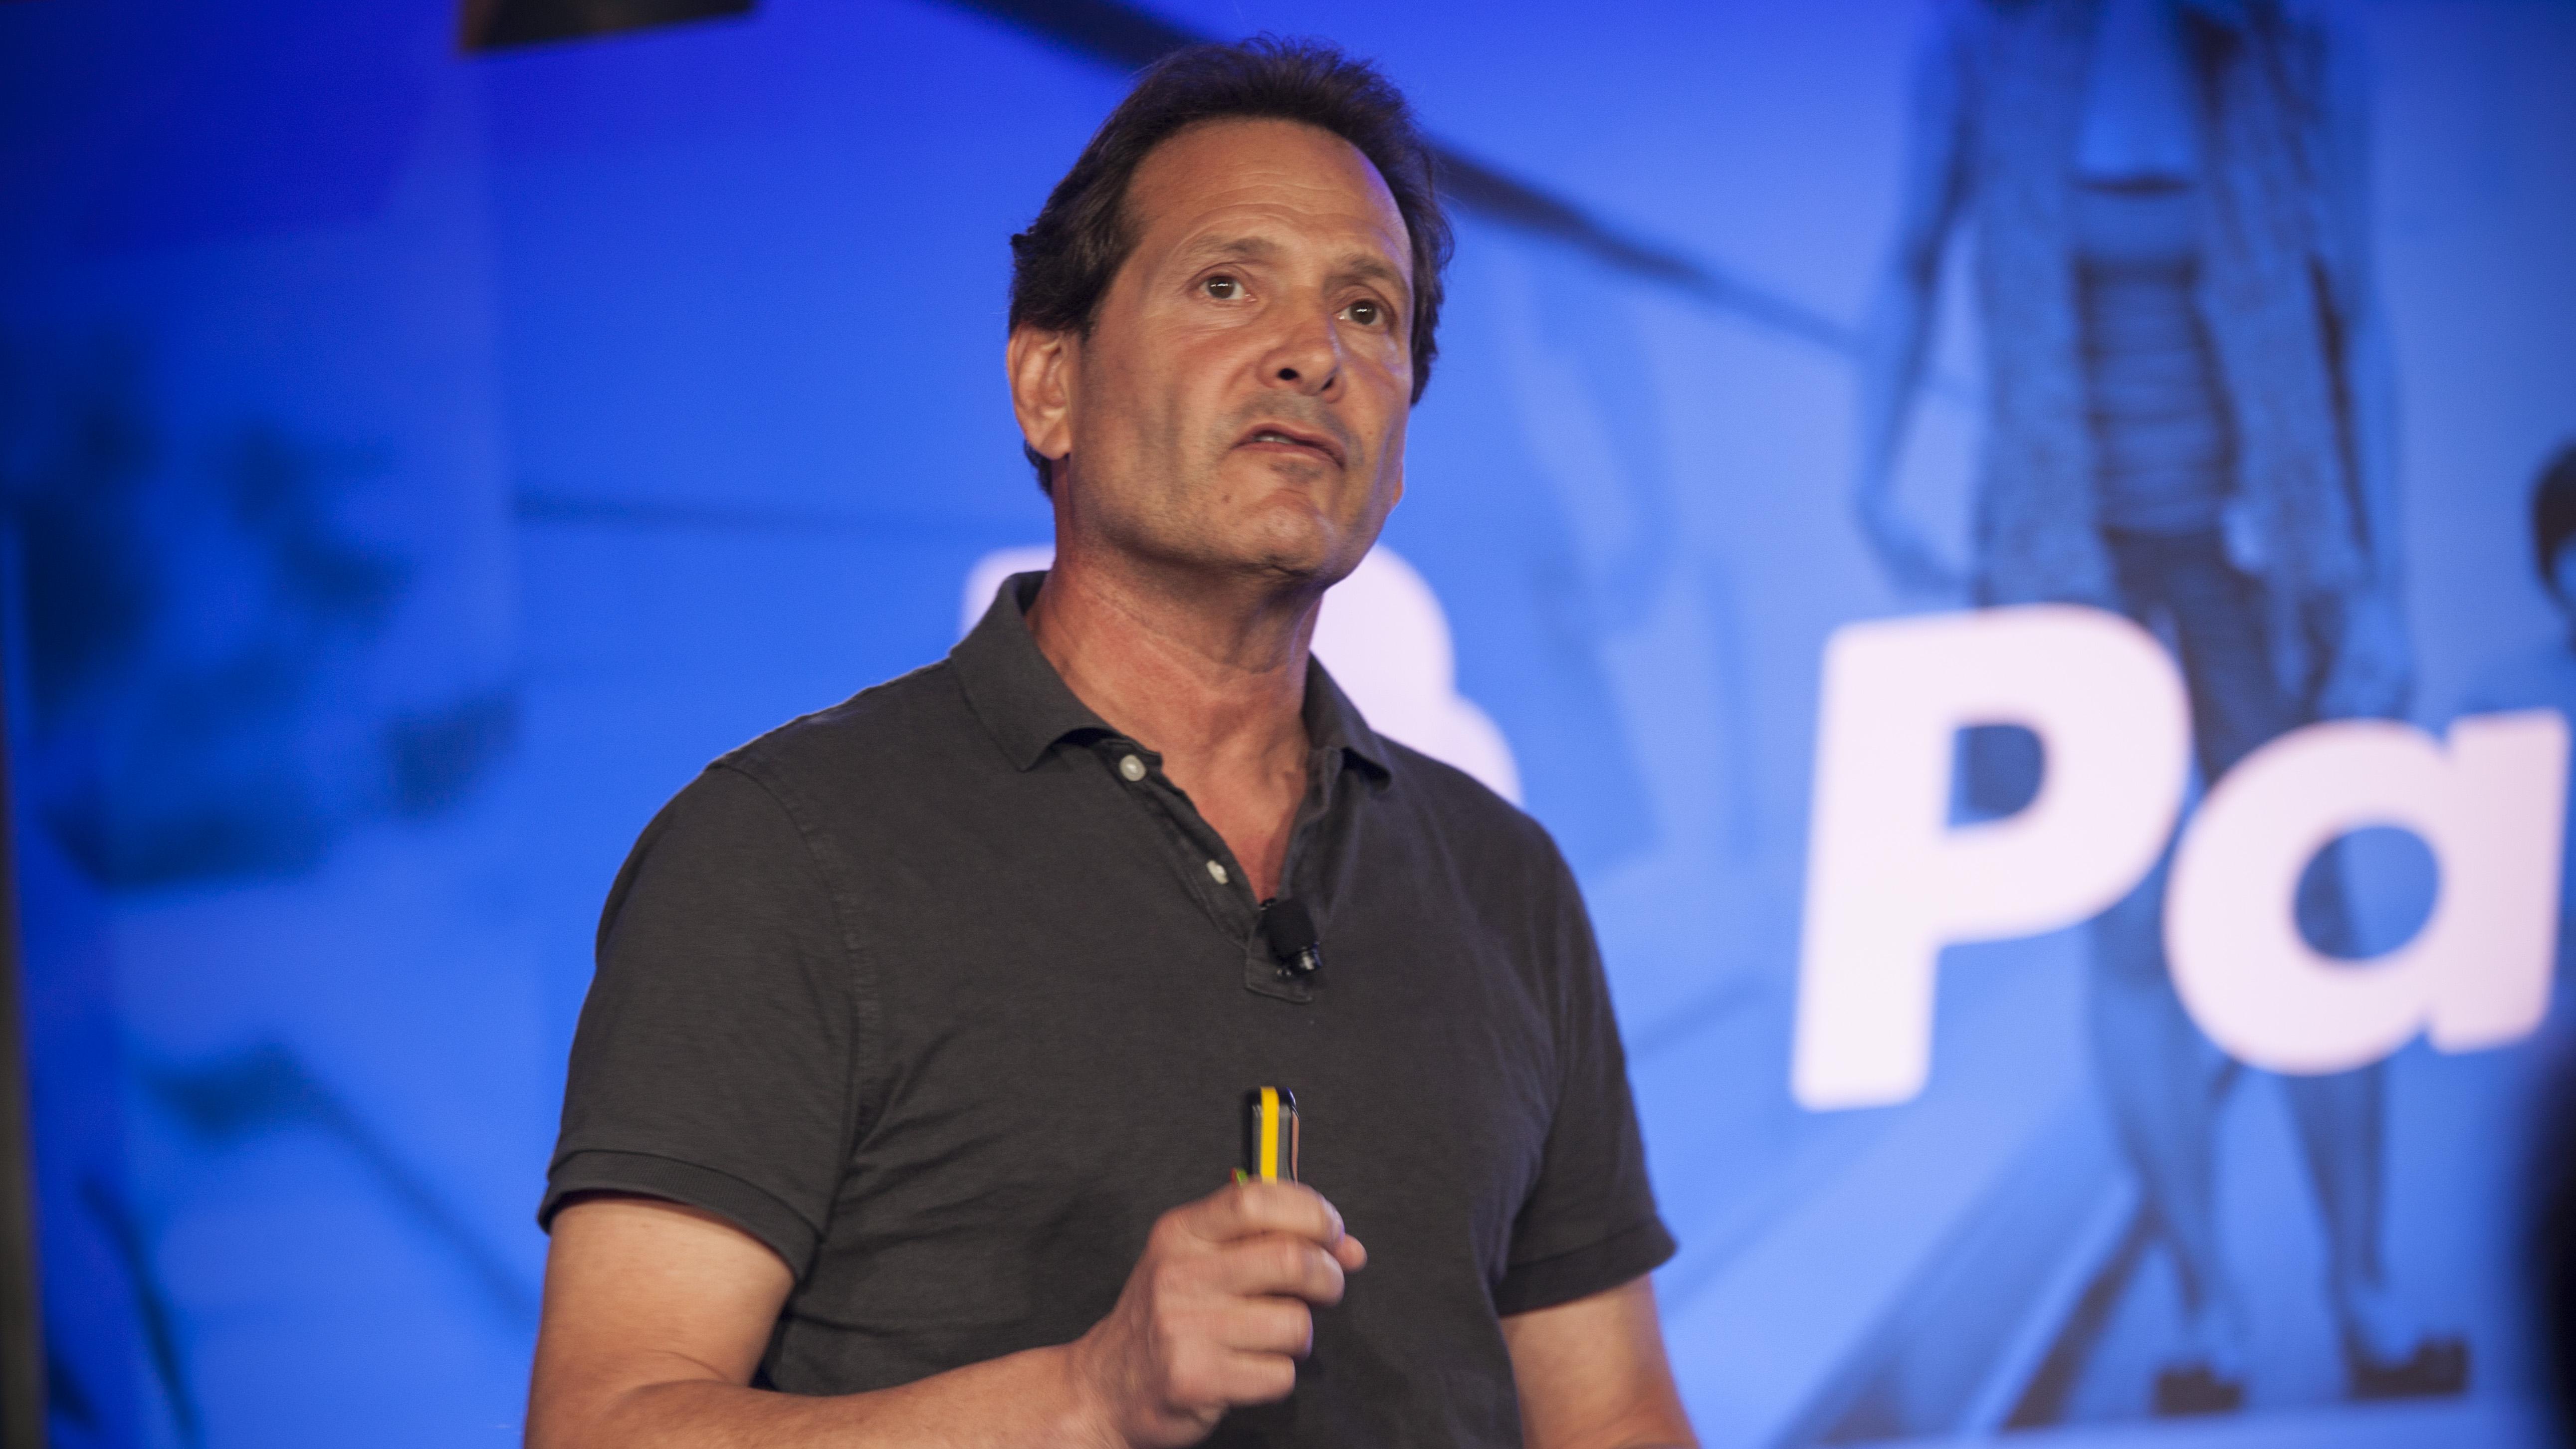 Future PayPal CEO Dan Schulman